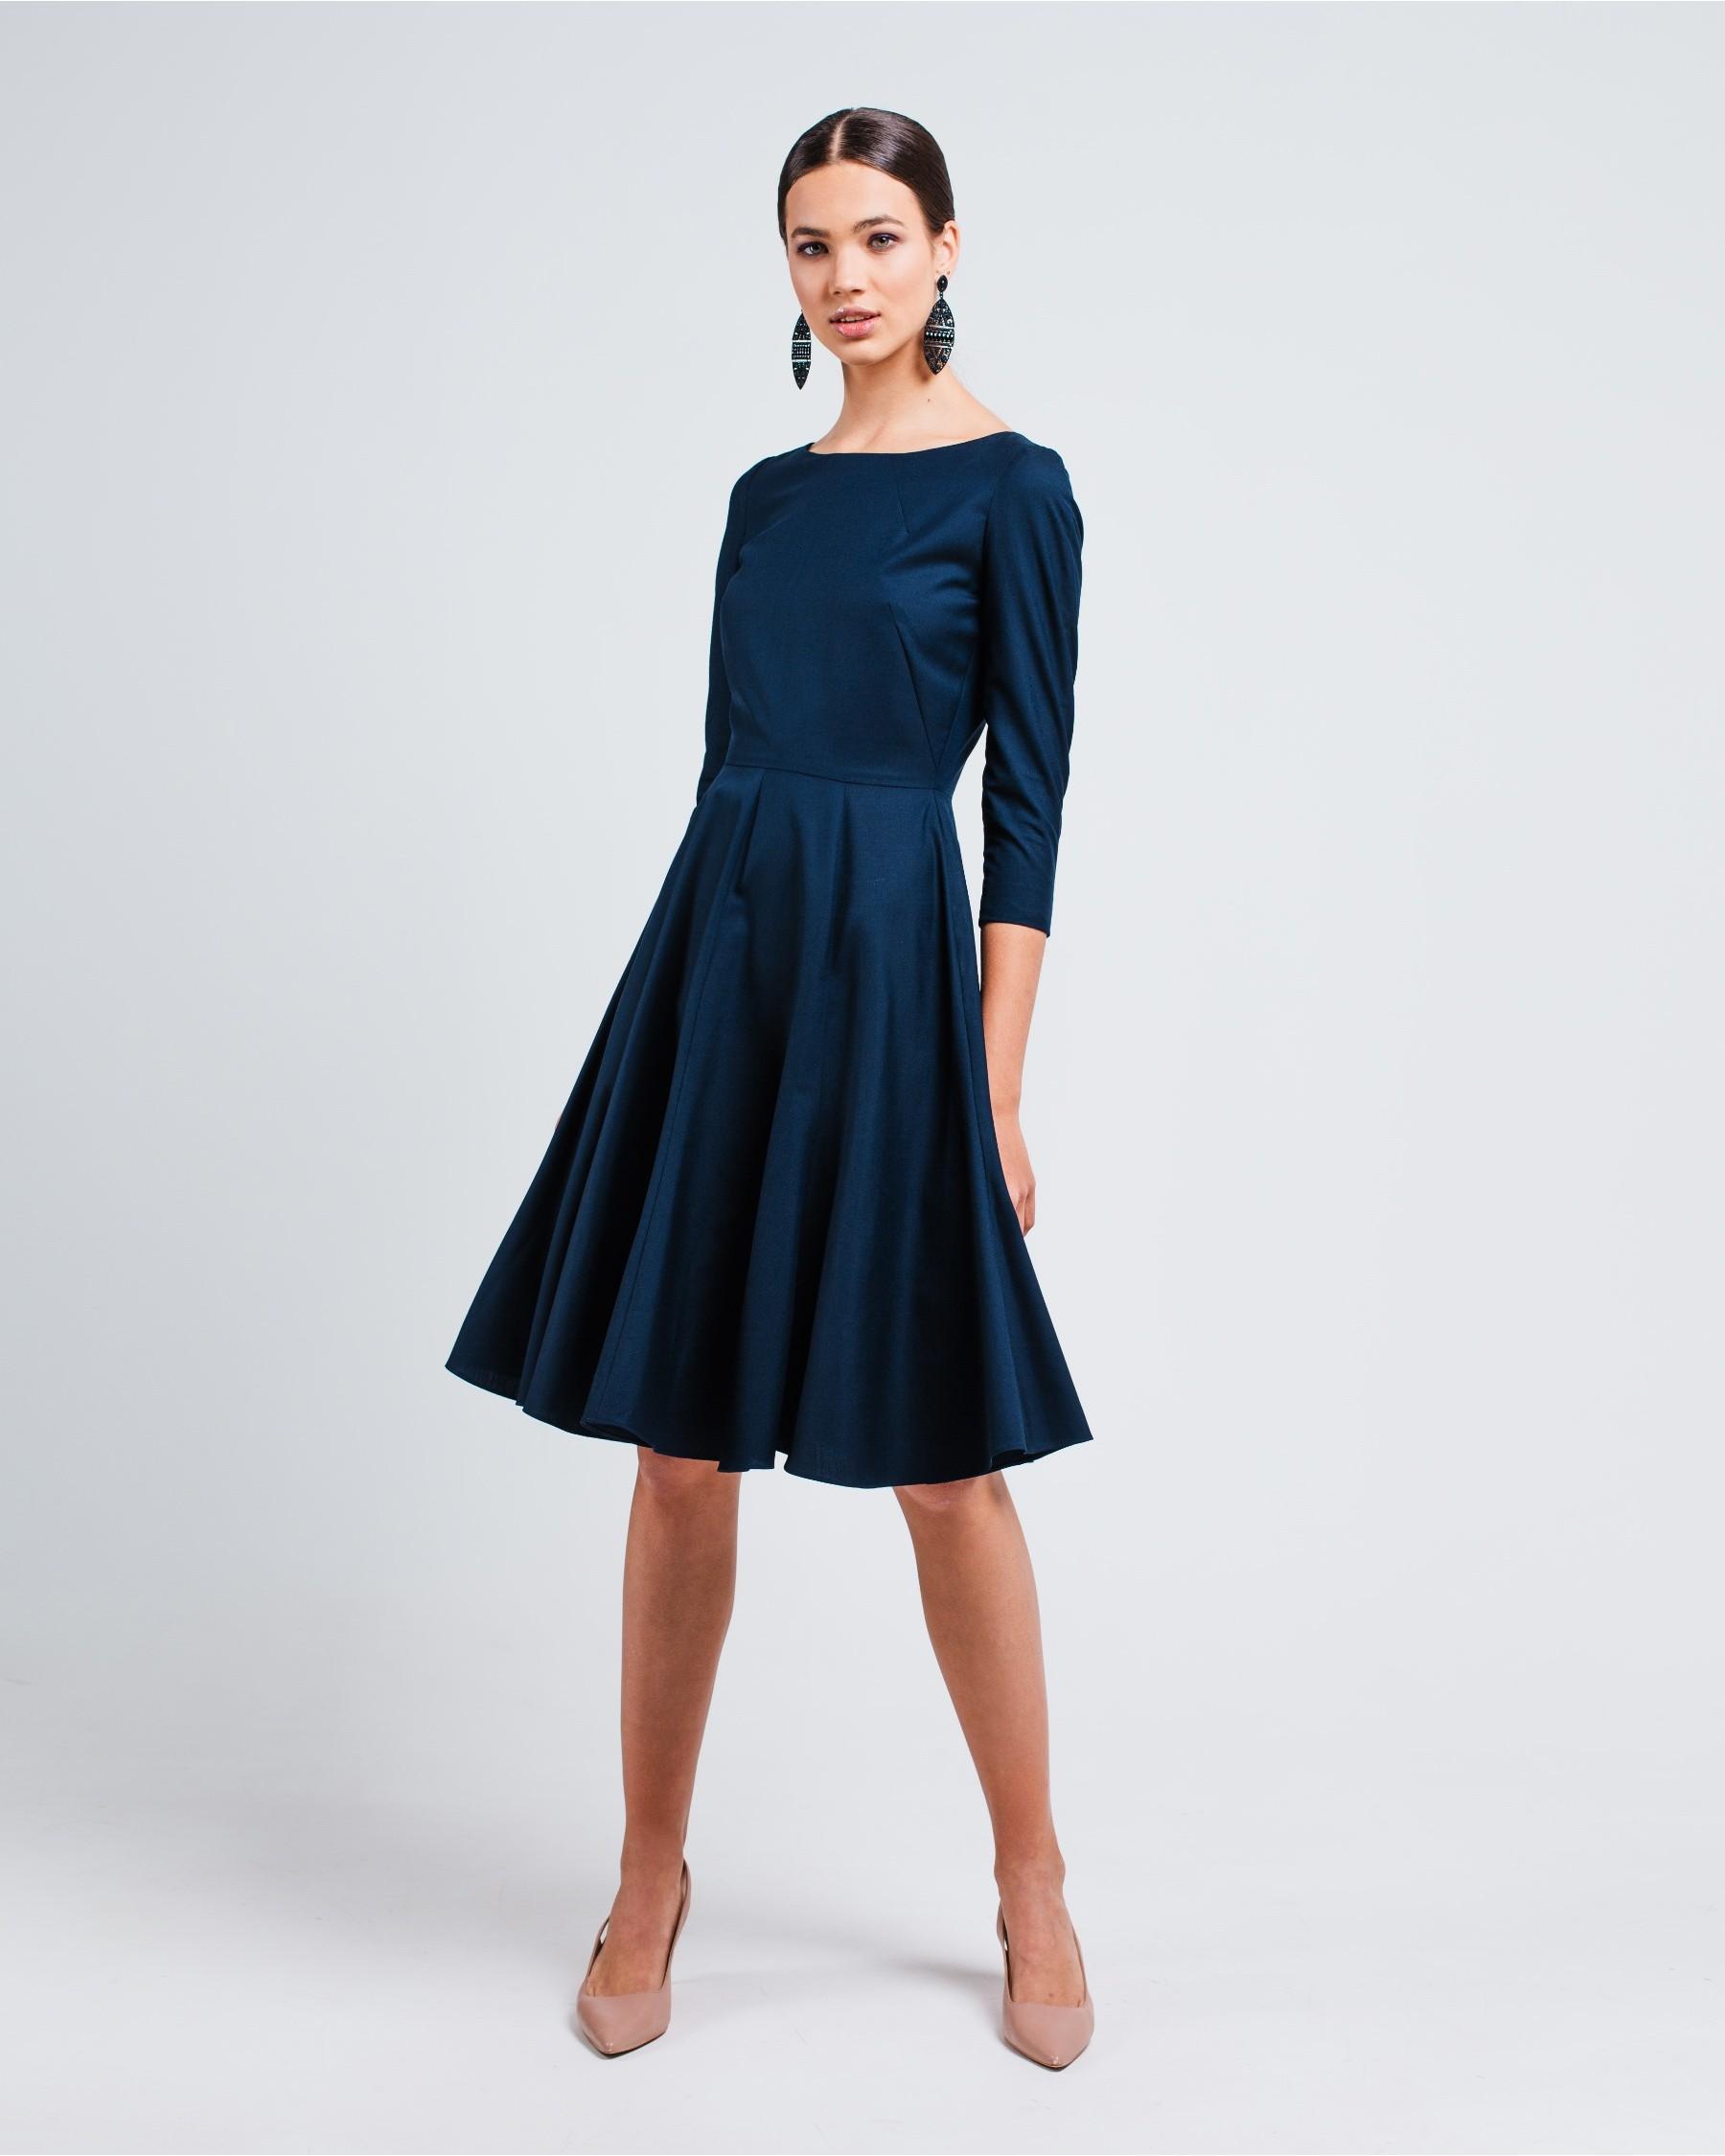 Приталенное платье с рукавом 3/4 из легкой костюмной шерсти